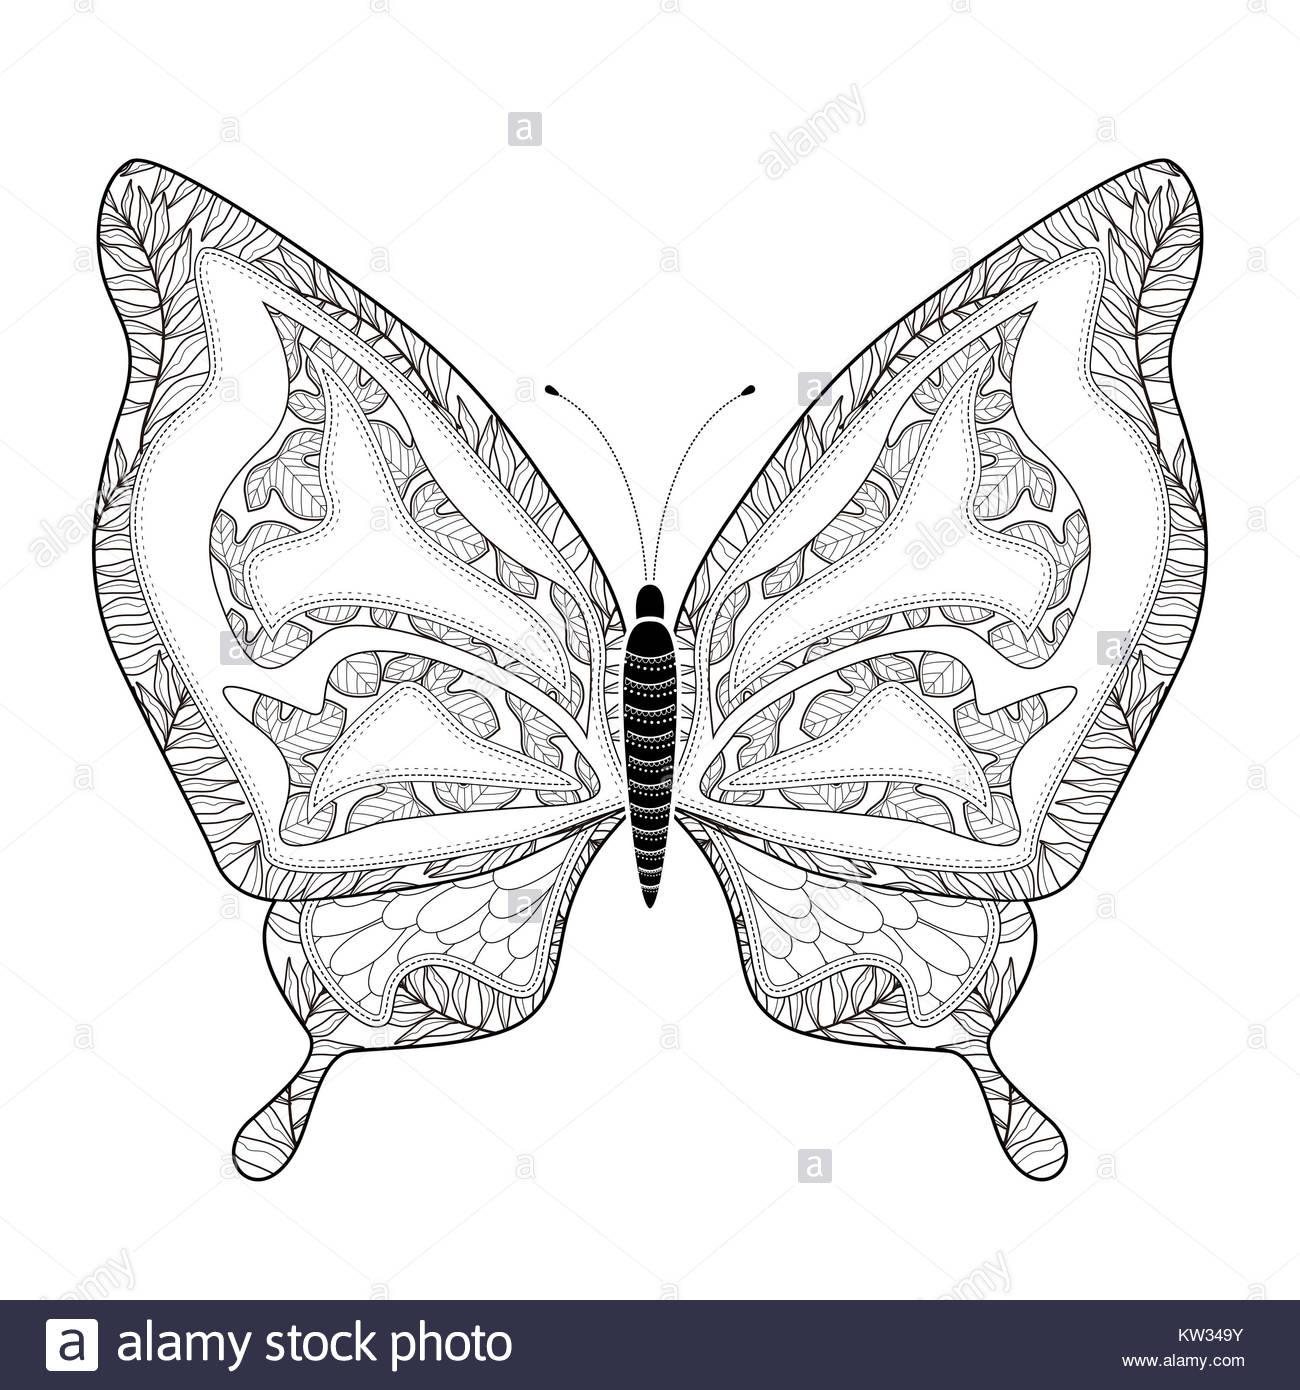 Tolle Malvorlagen Schmetterling Ebene Fotos - Malvorlagen Von Tieren ...